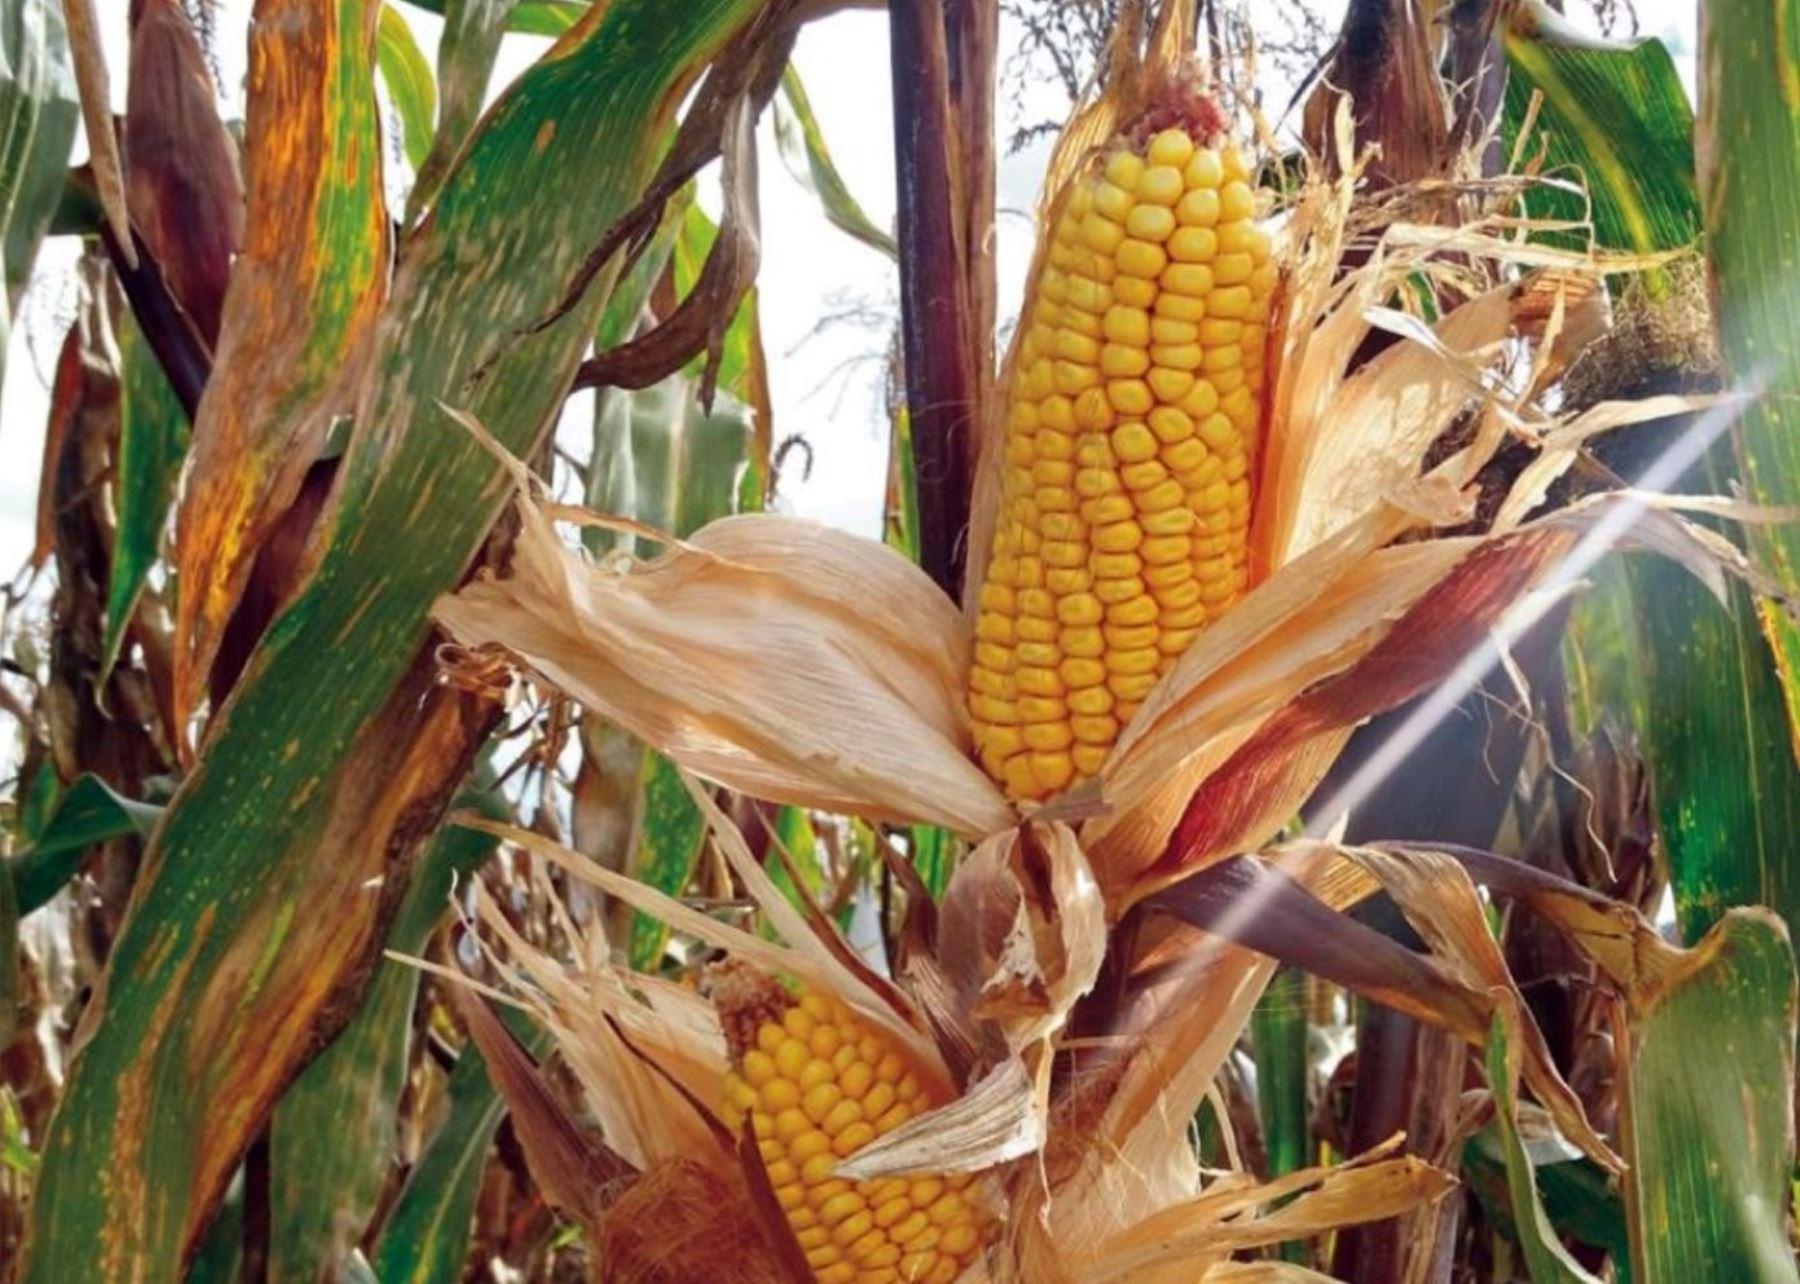 El INIA presentó su nueva variedad de maíz amiláceo, más grande, resistente a plagas y posee un gran potencial de producción por hectárea cultivada. ANDINA/Difusión